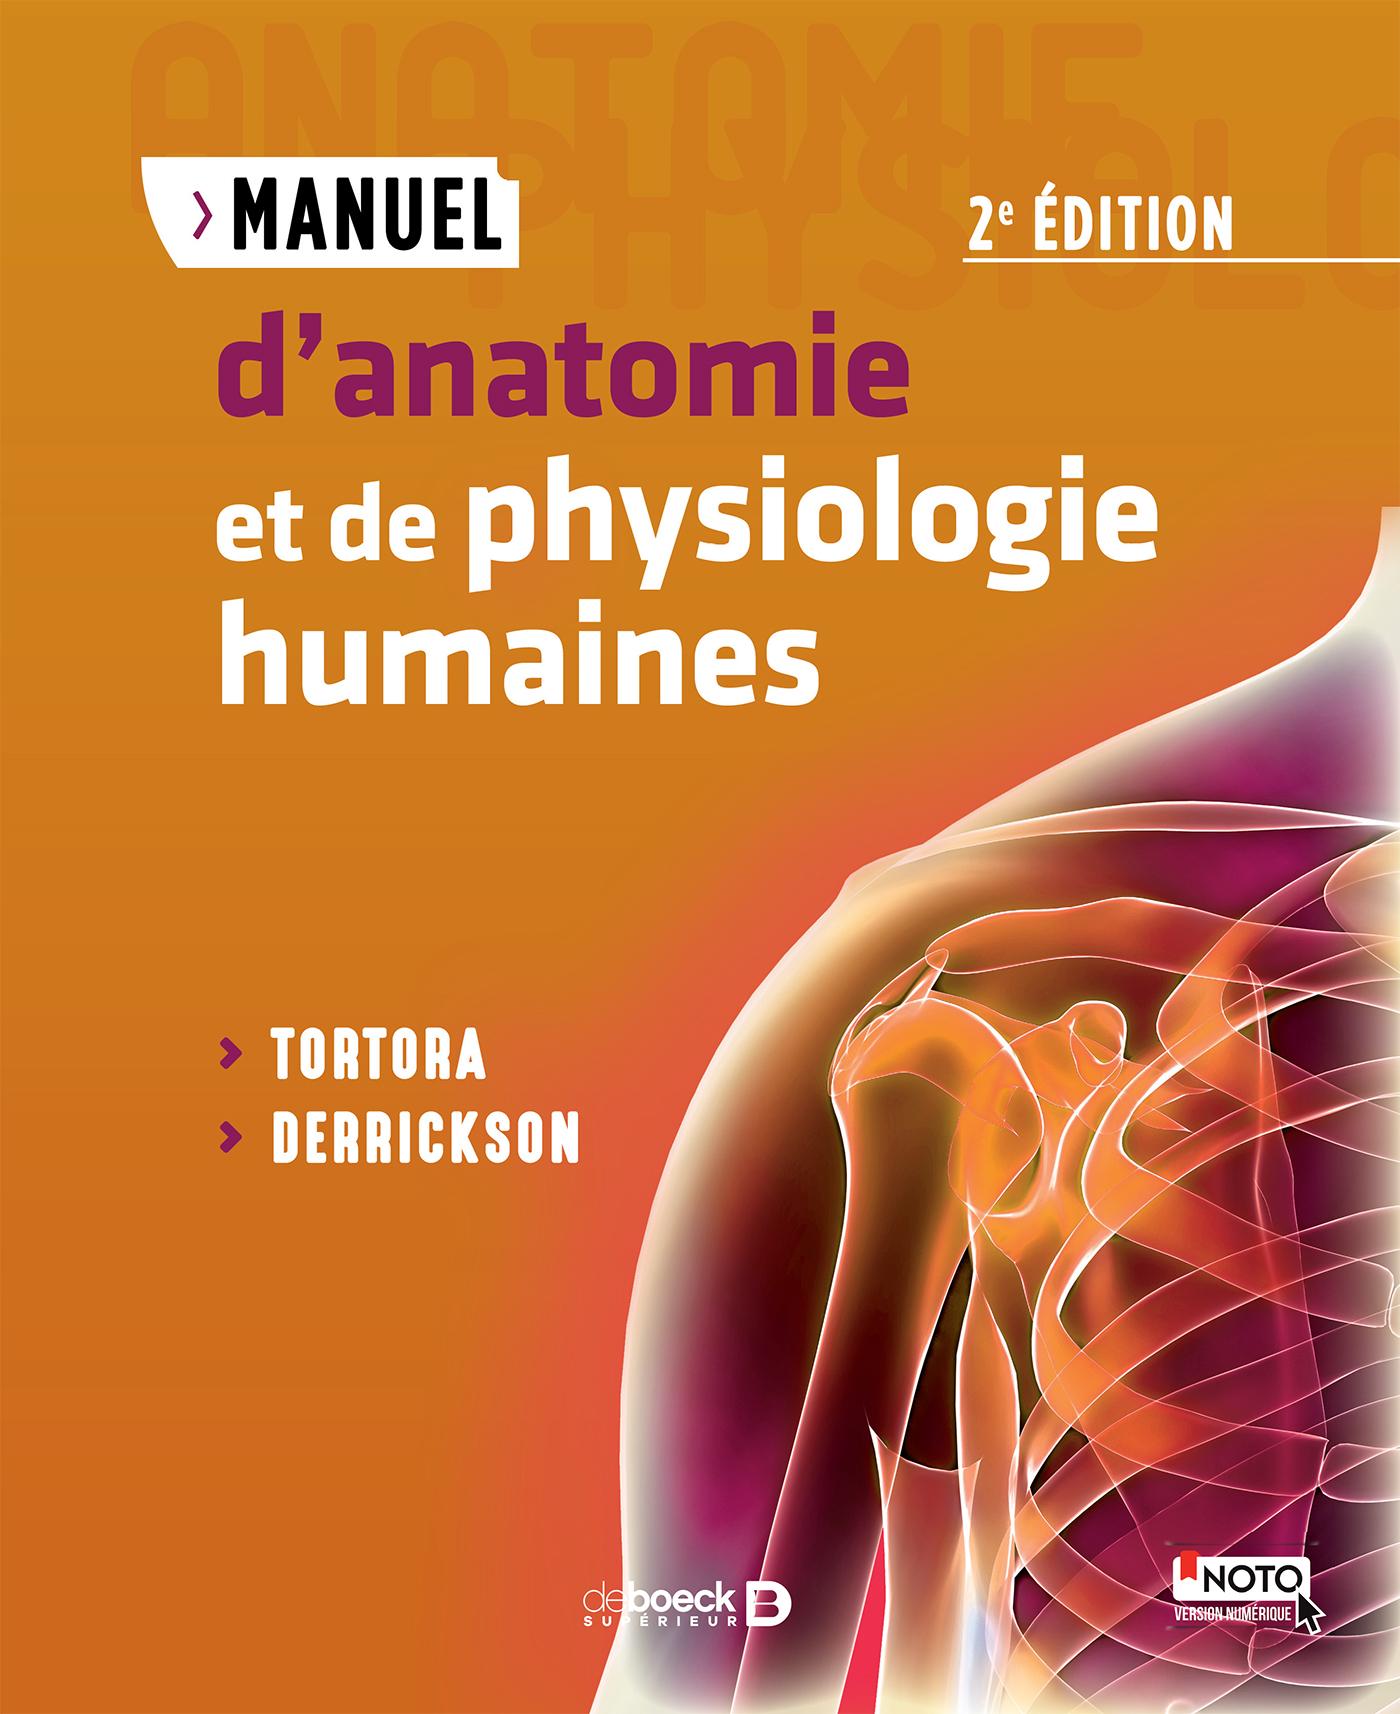 Fein Anatomie Und Pysiology Galerie - Physiologie Von Menschlichen ...